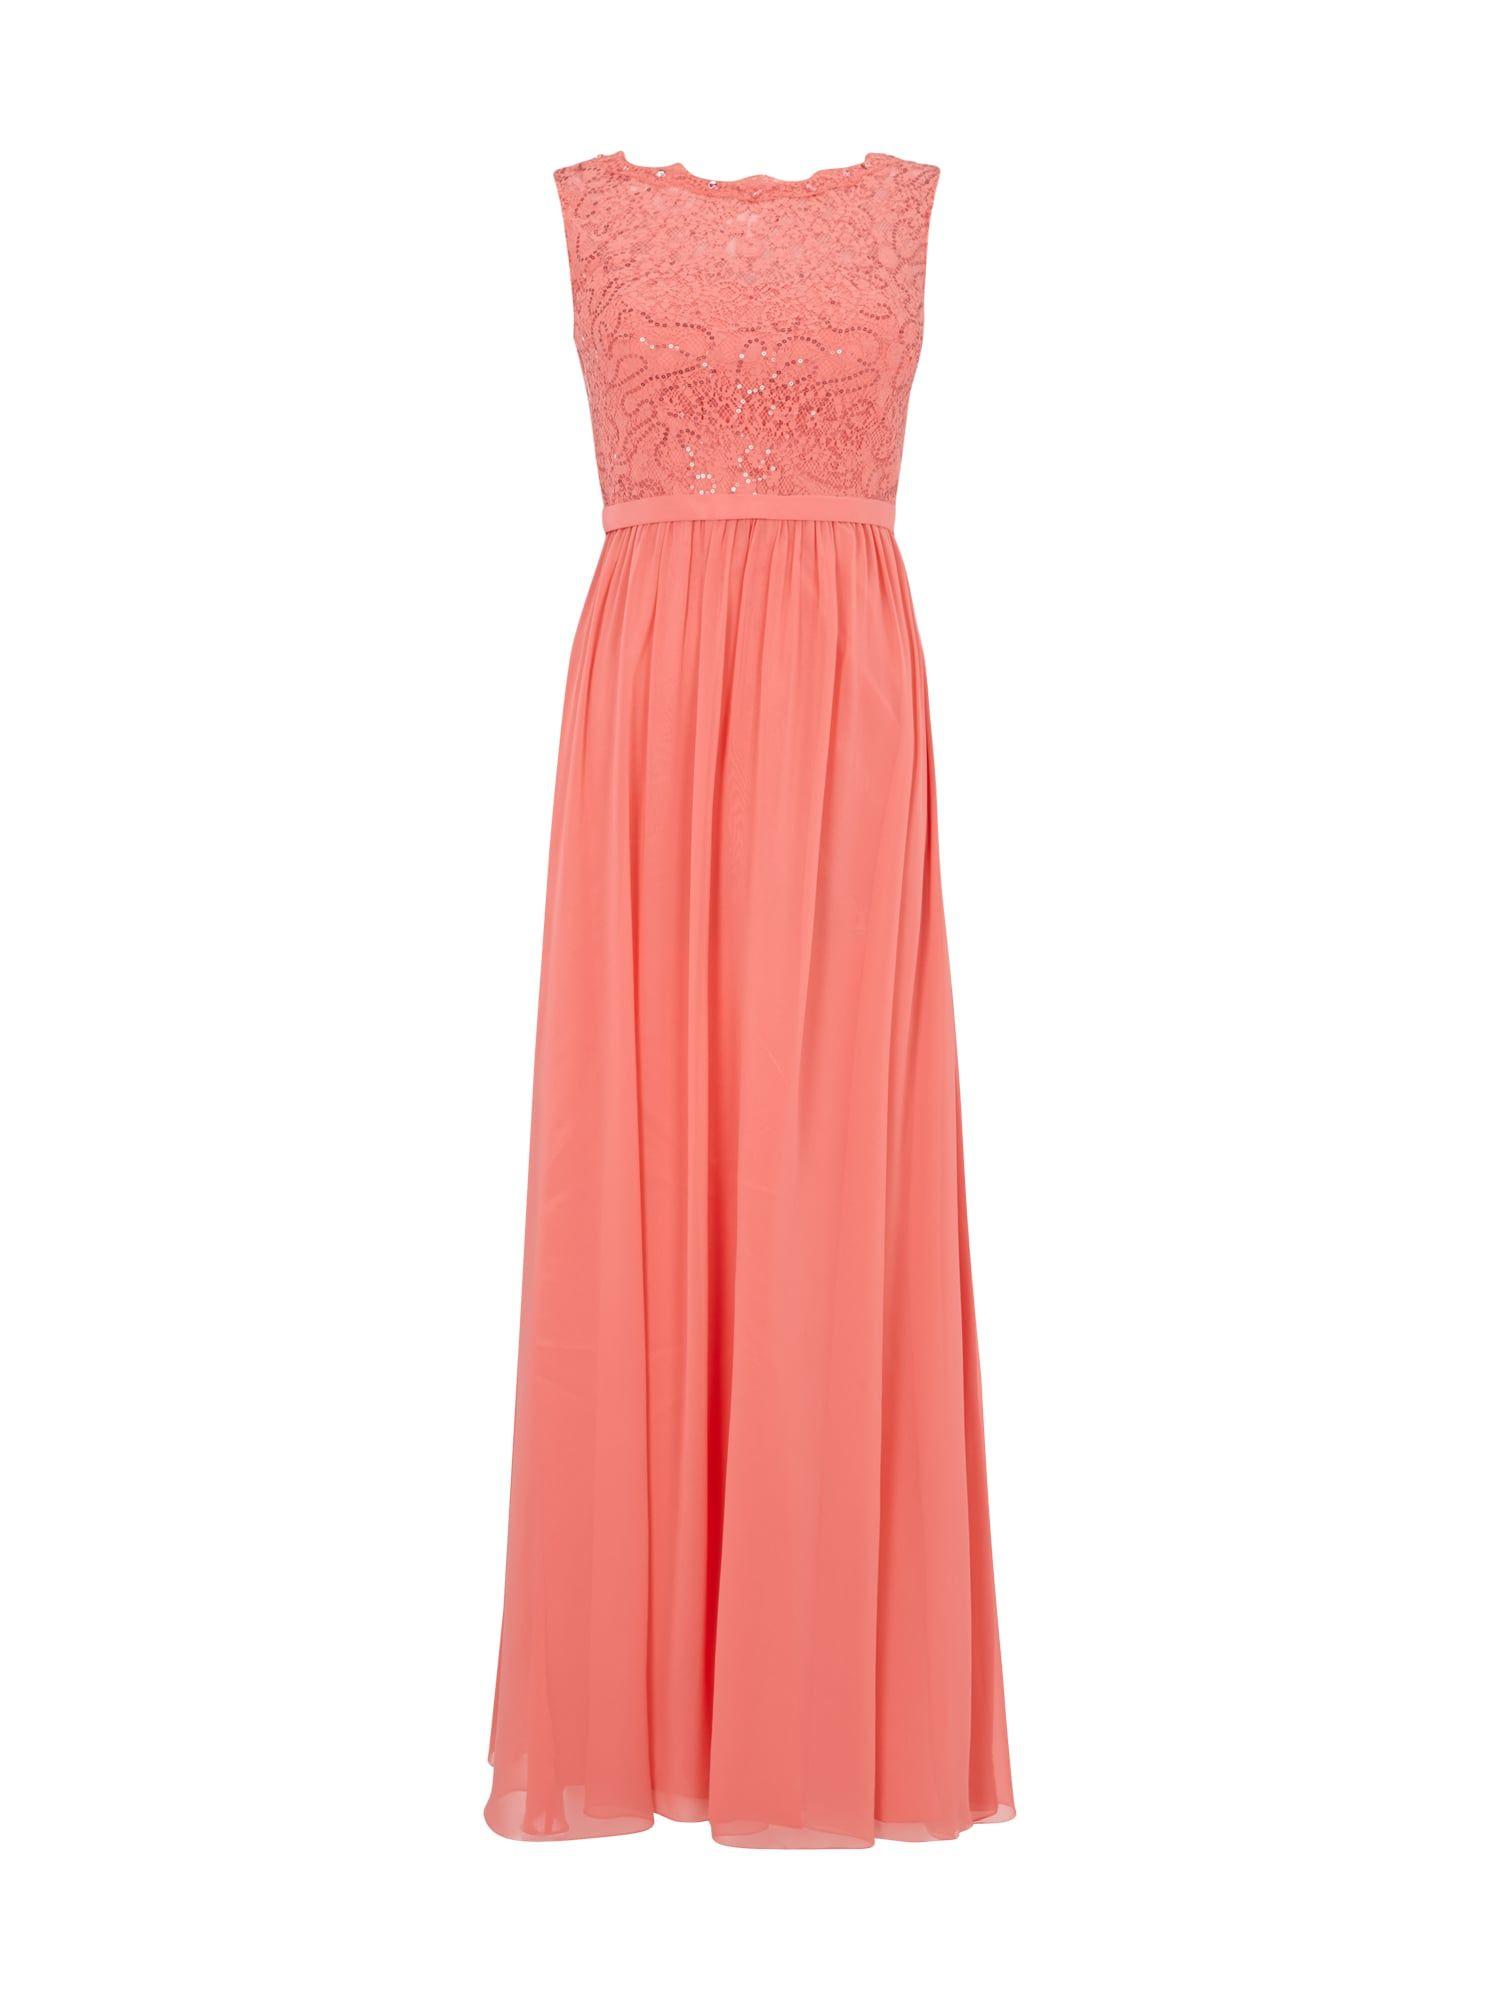 Abendkleider Koralle #abendkleider #koralle:separator:Abendkleider